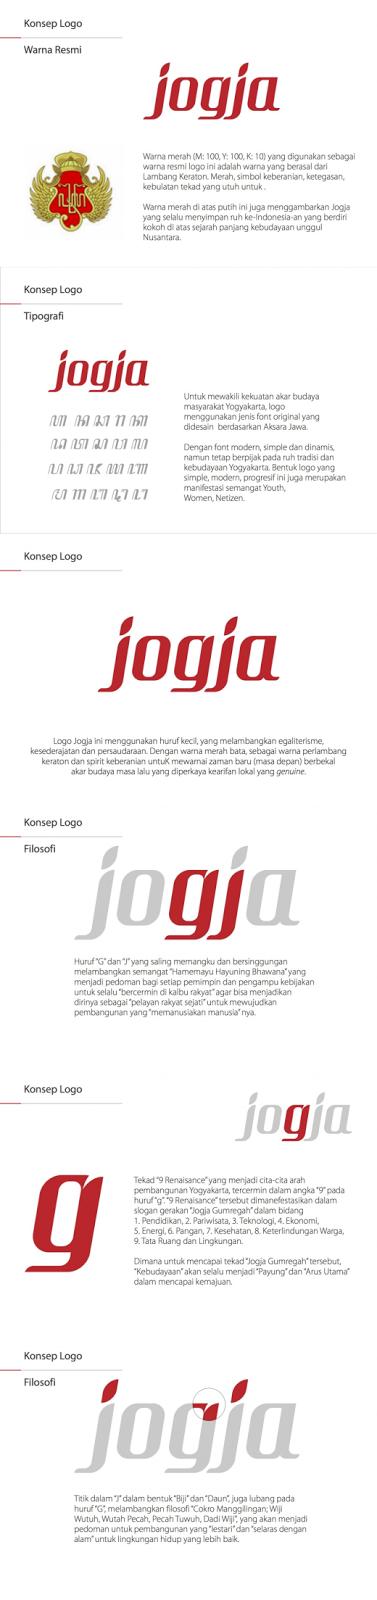 Kontroversi Mengenai Logo Baru Yogyakarta, Berita Terkini Jogja